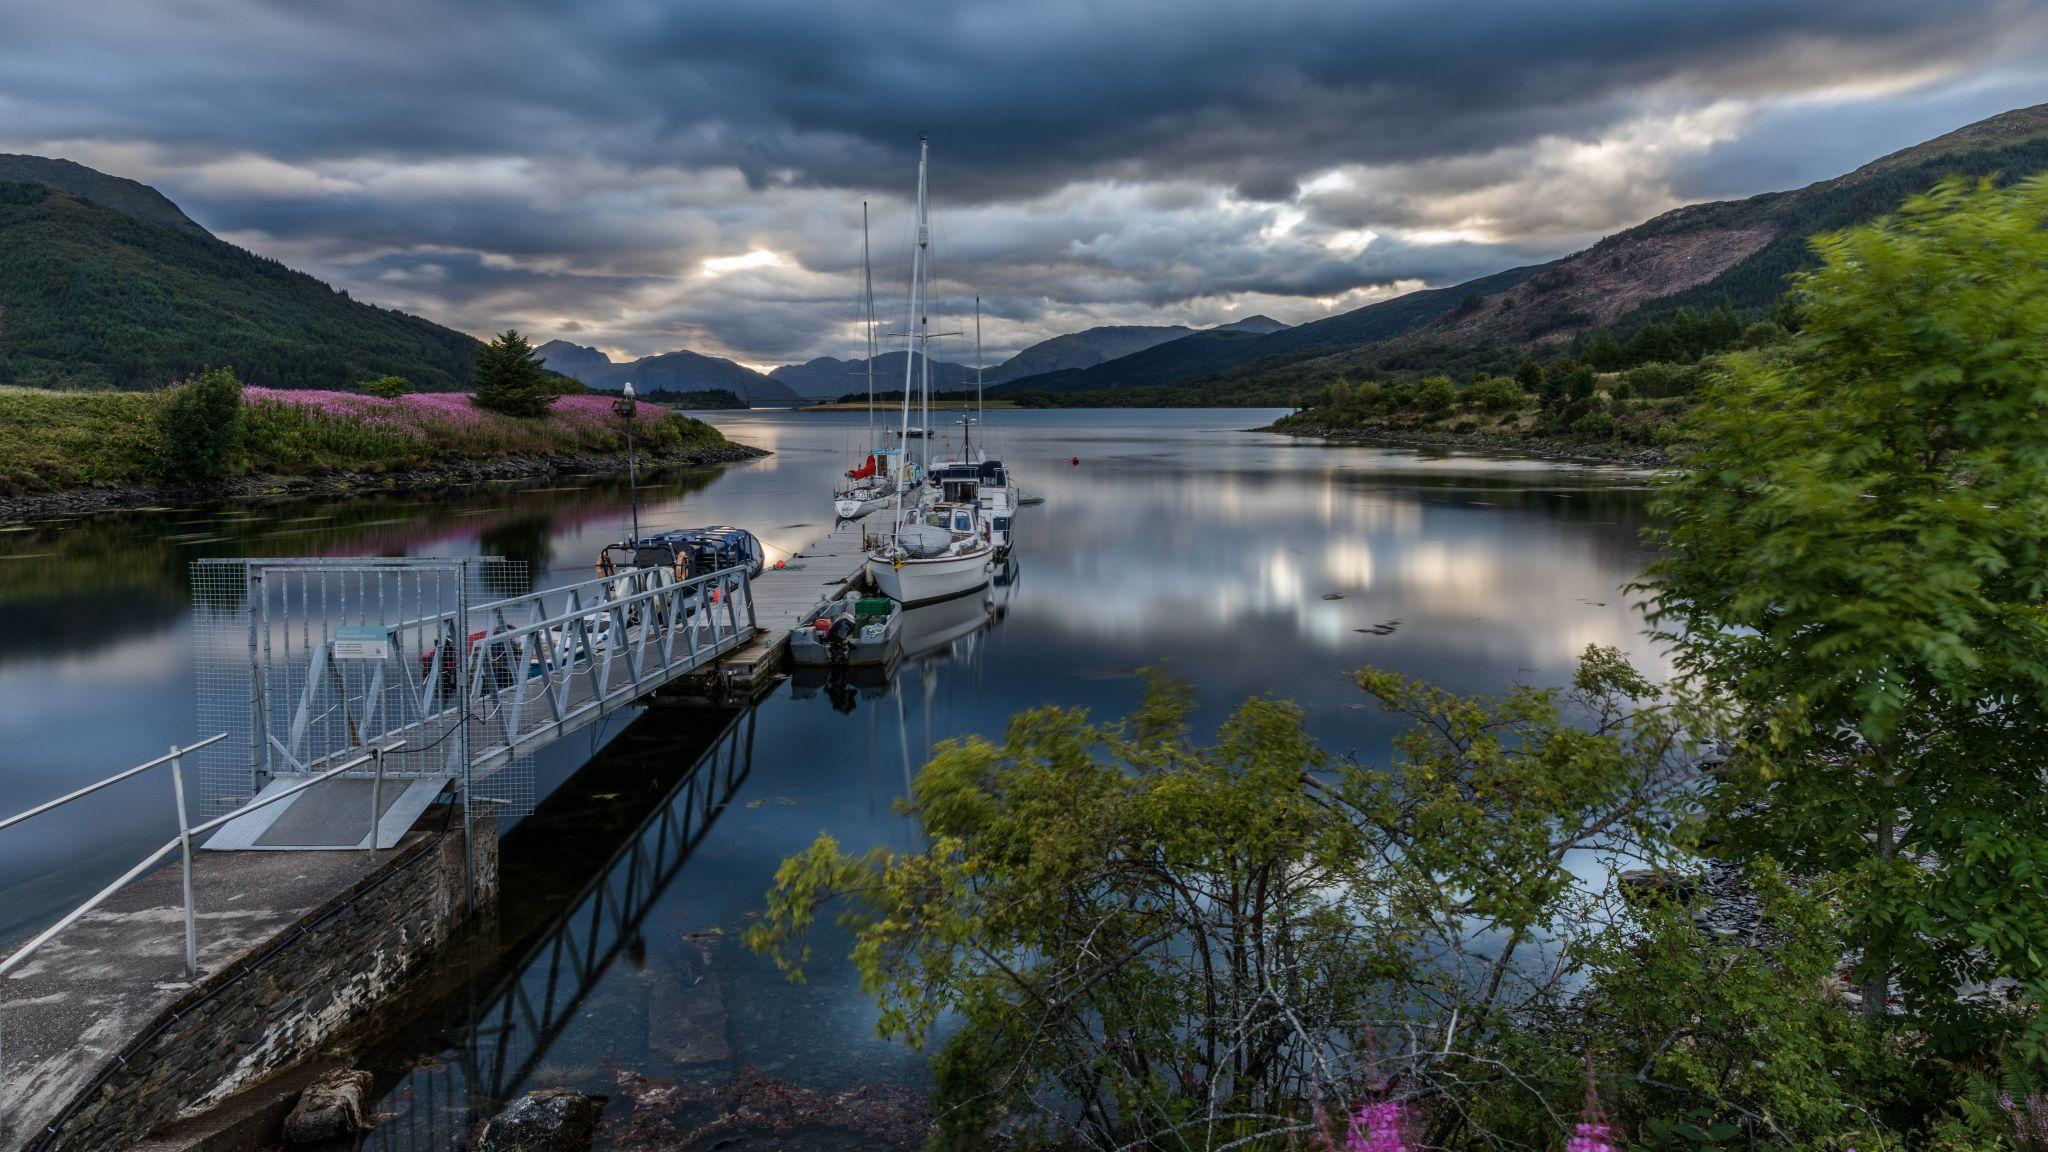 Loch Leven, Ballachulish, Highlands, United Kingdom